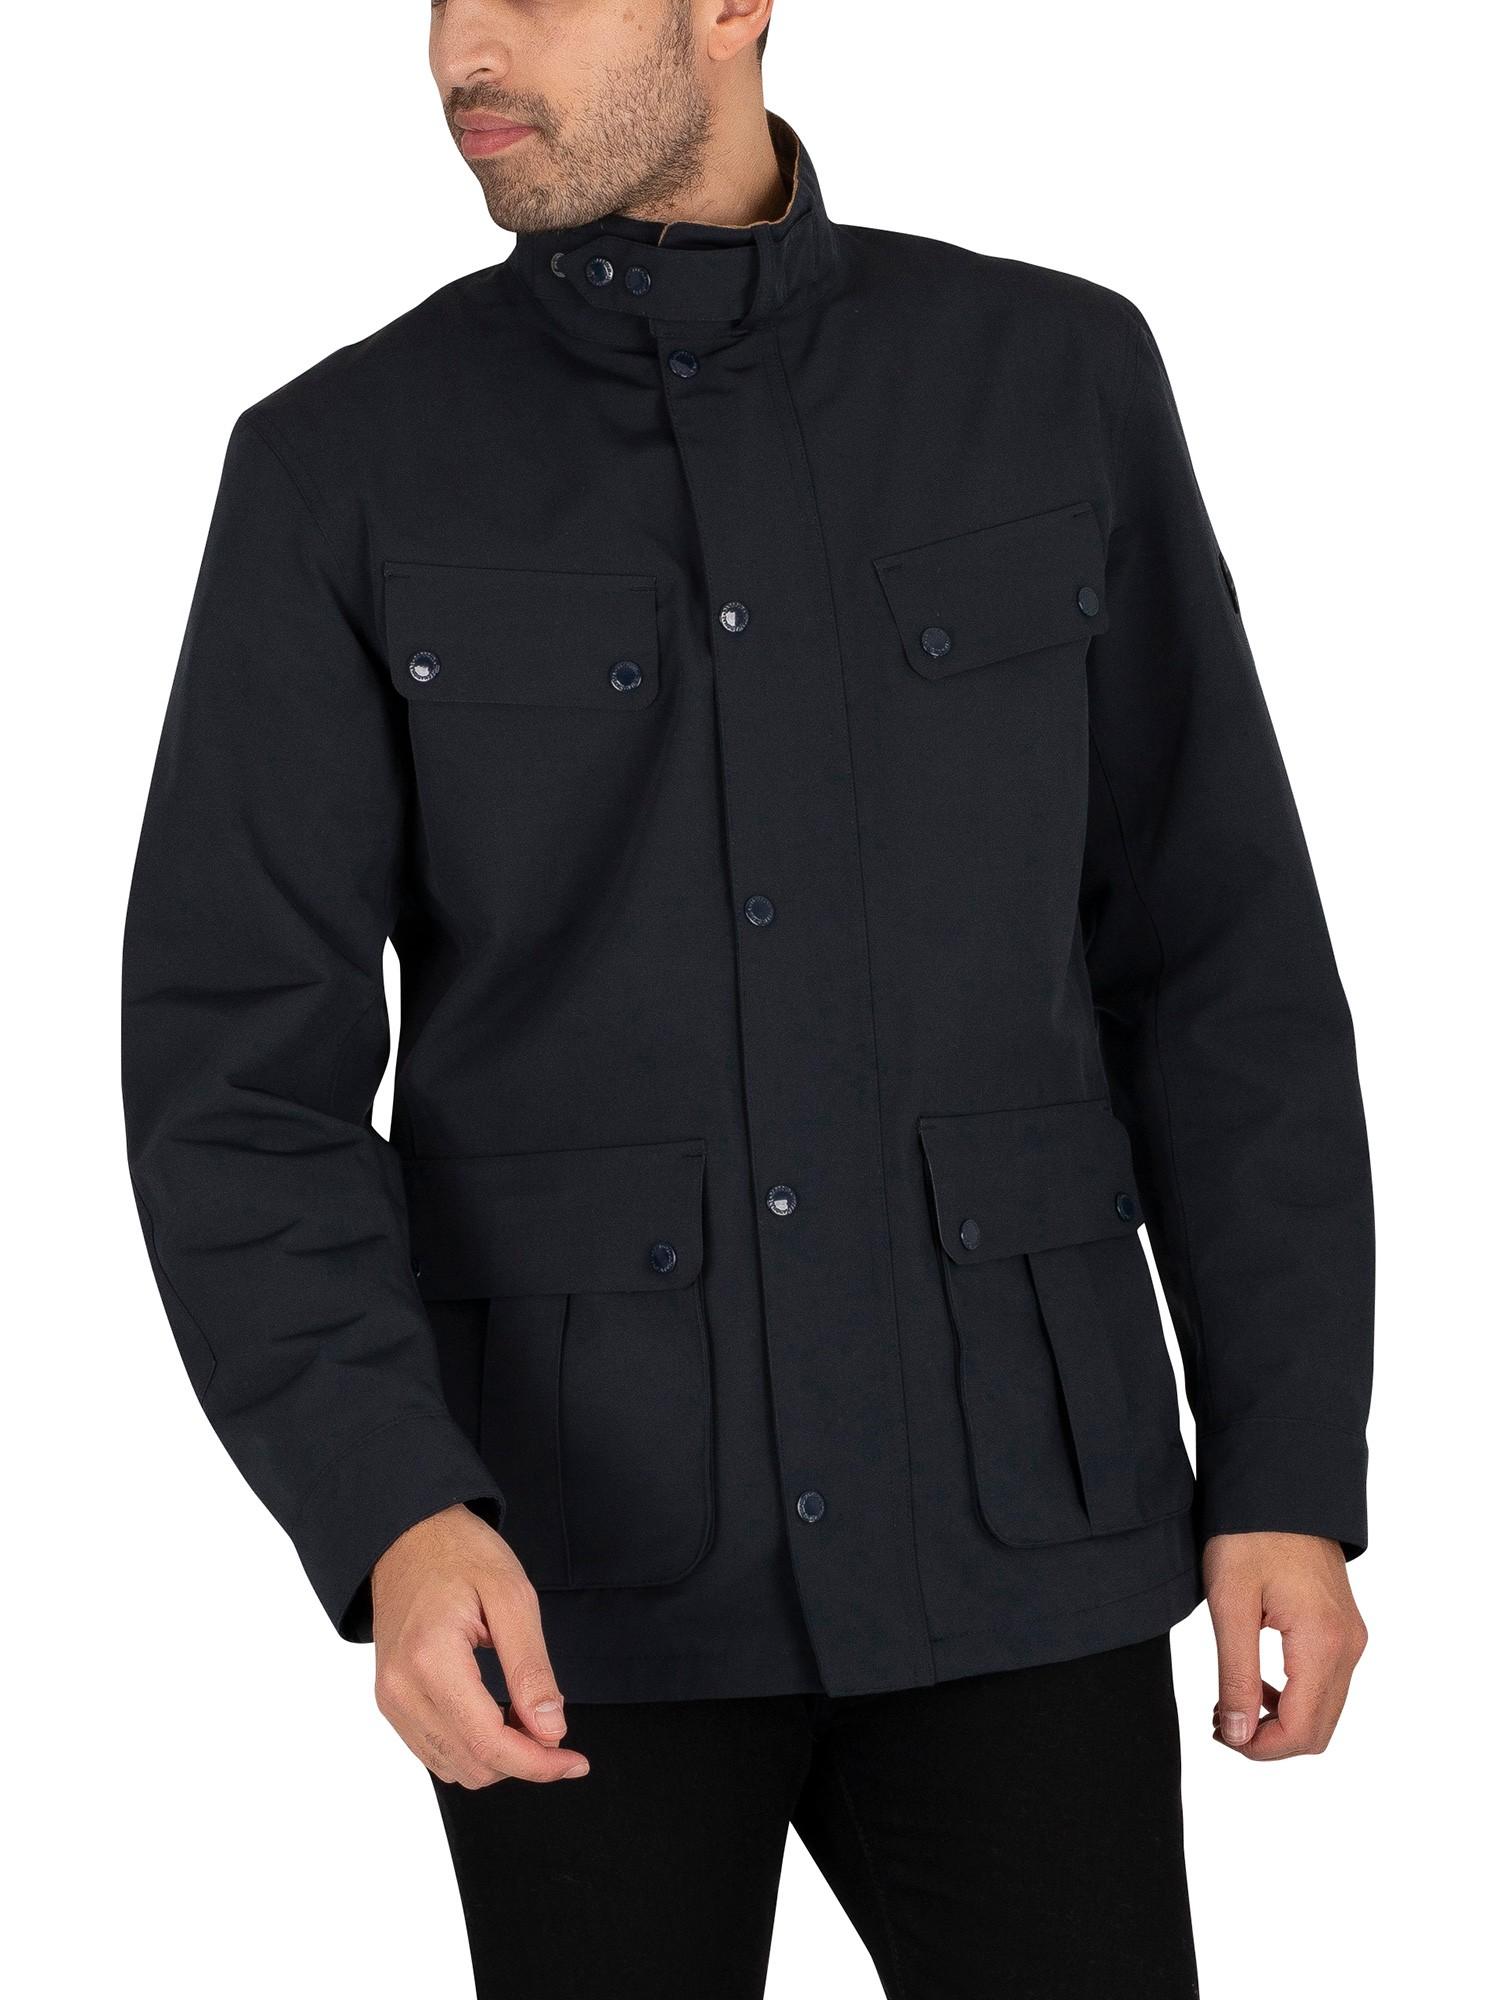 Summer Waterproof Duke Jacket